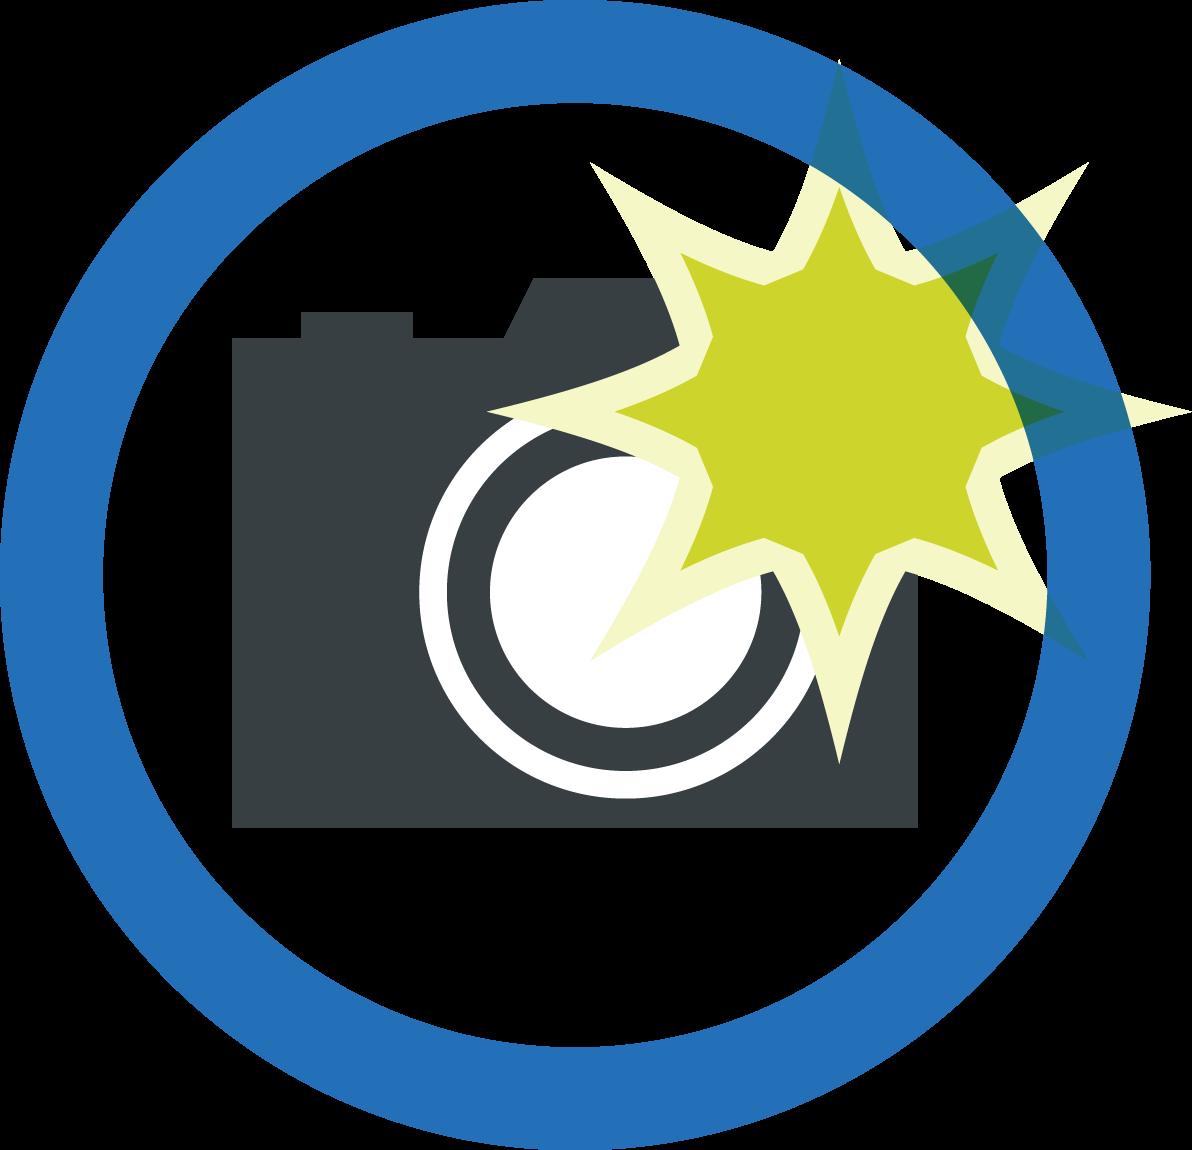 カメラのイラスト / 撮影禁止や許可表示にも | 可愛い無料イラスト素材集